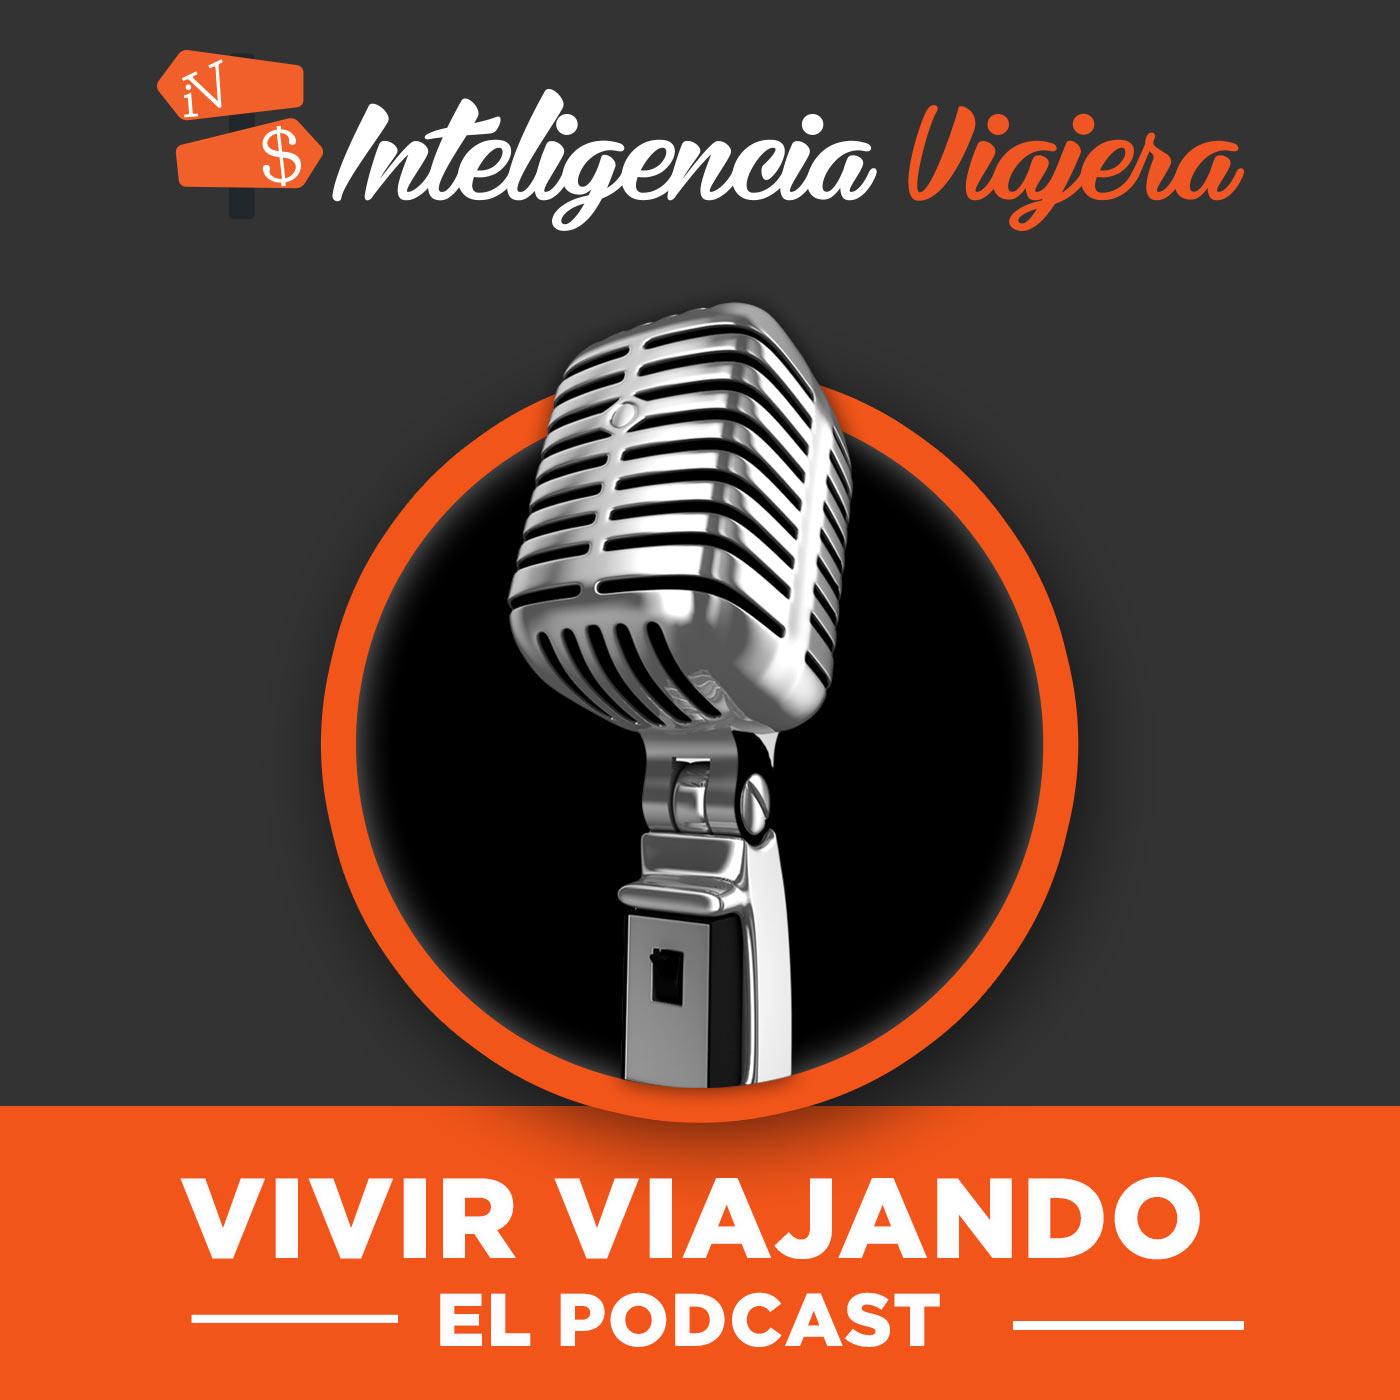 Vivir Viajando, el podcast de Antonio G. show art